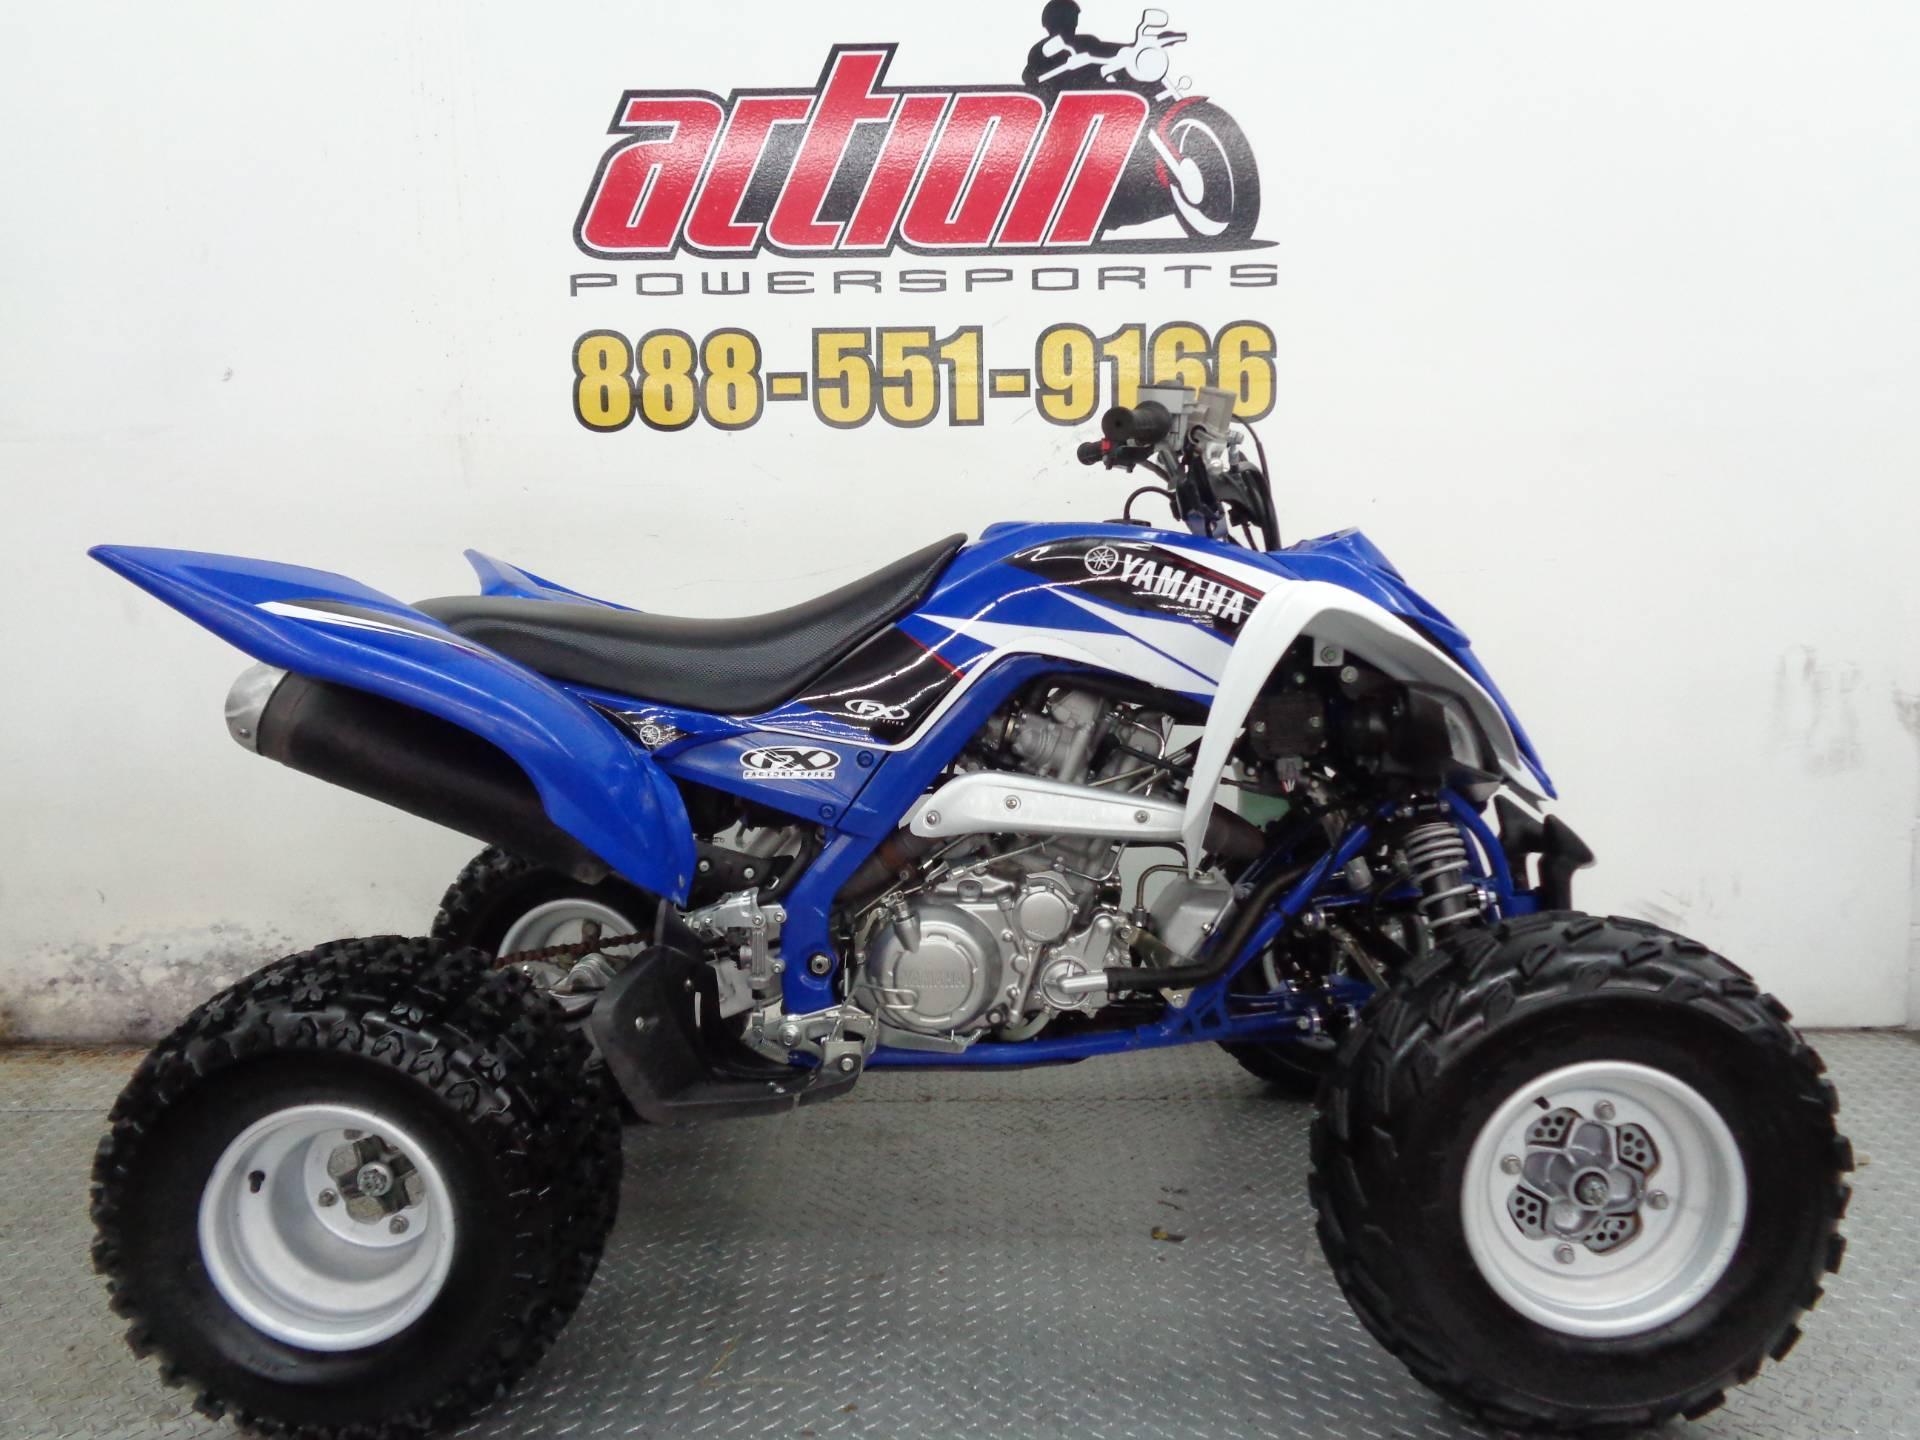 2015 Yamaha Raptor 700 for sale 93582